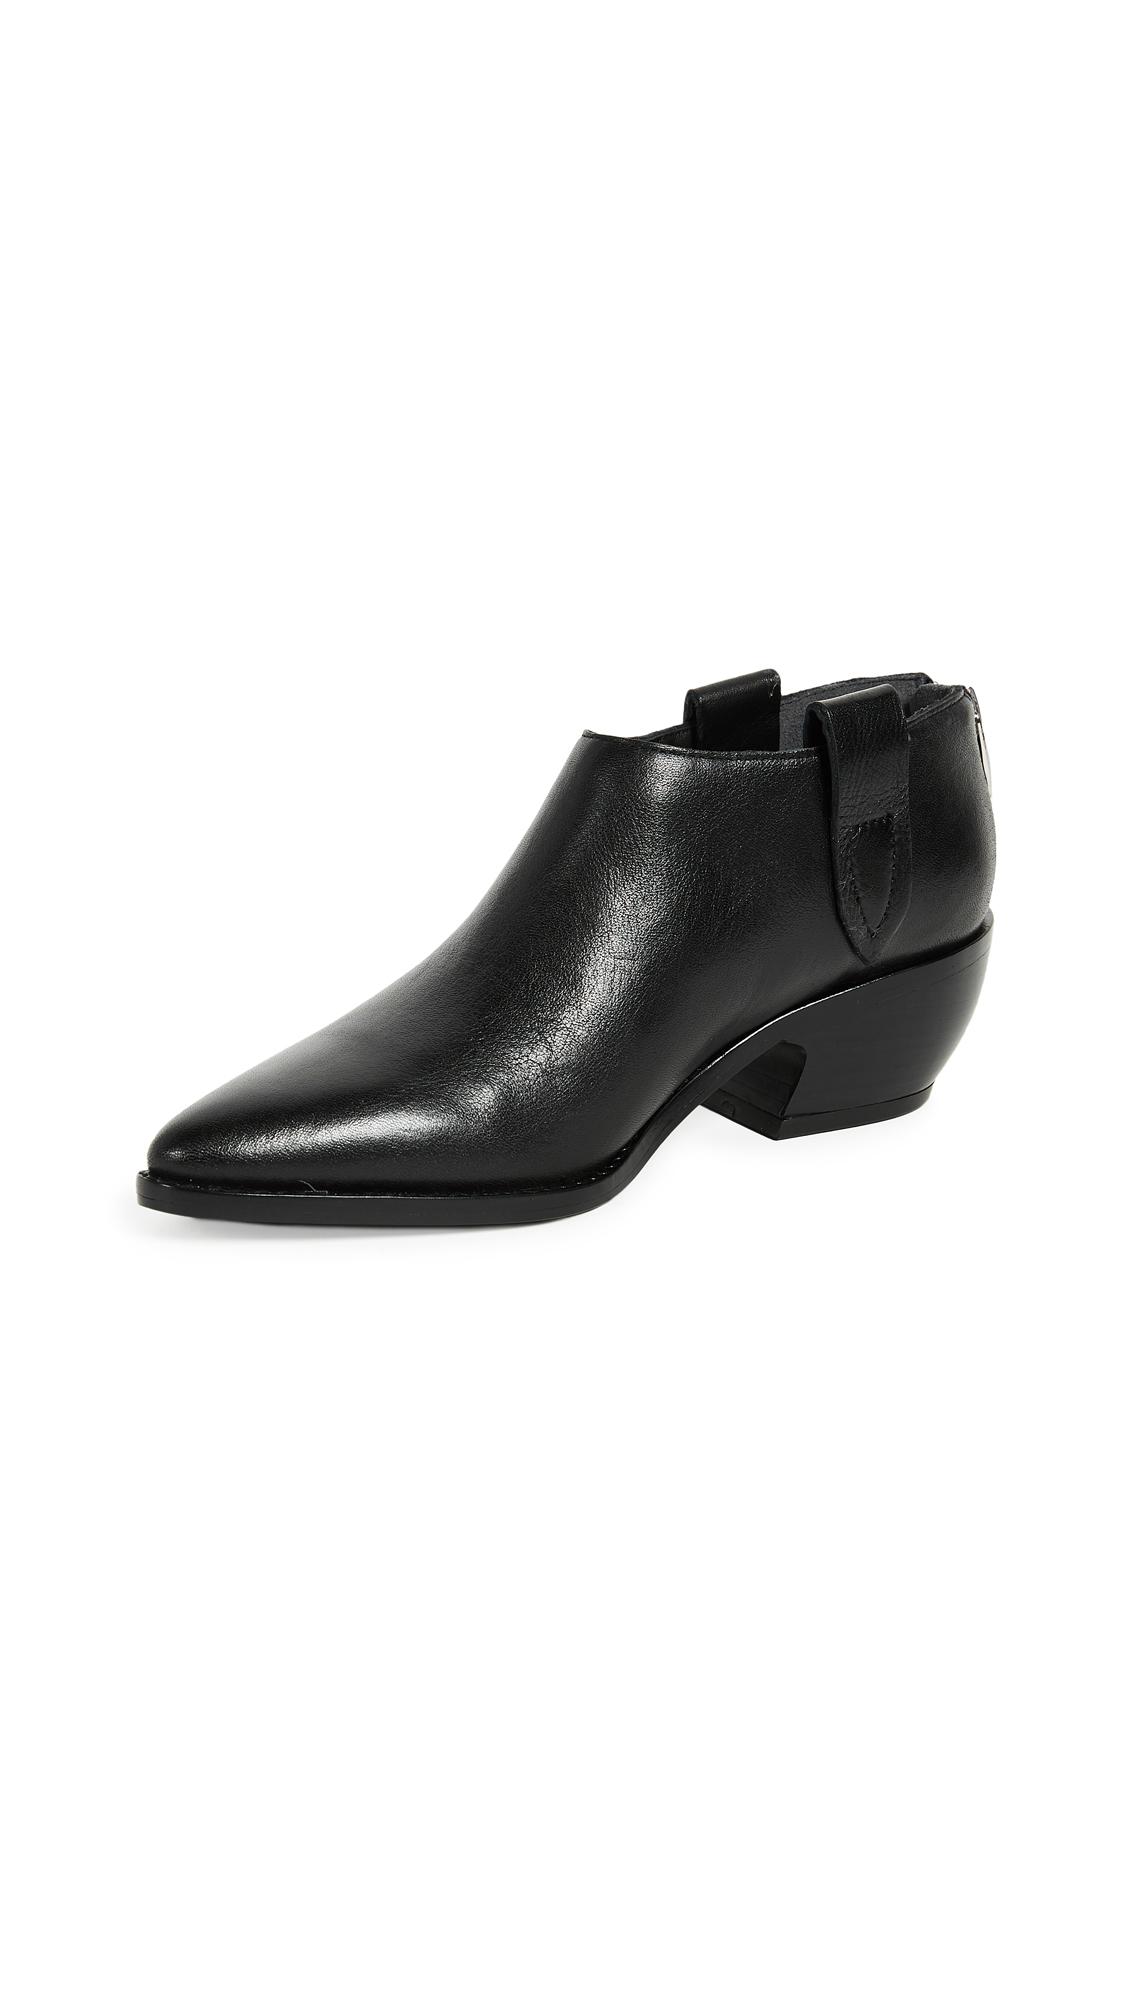 Sigerson Morrison Dorie Ankle Boots - Black